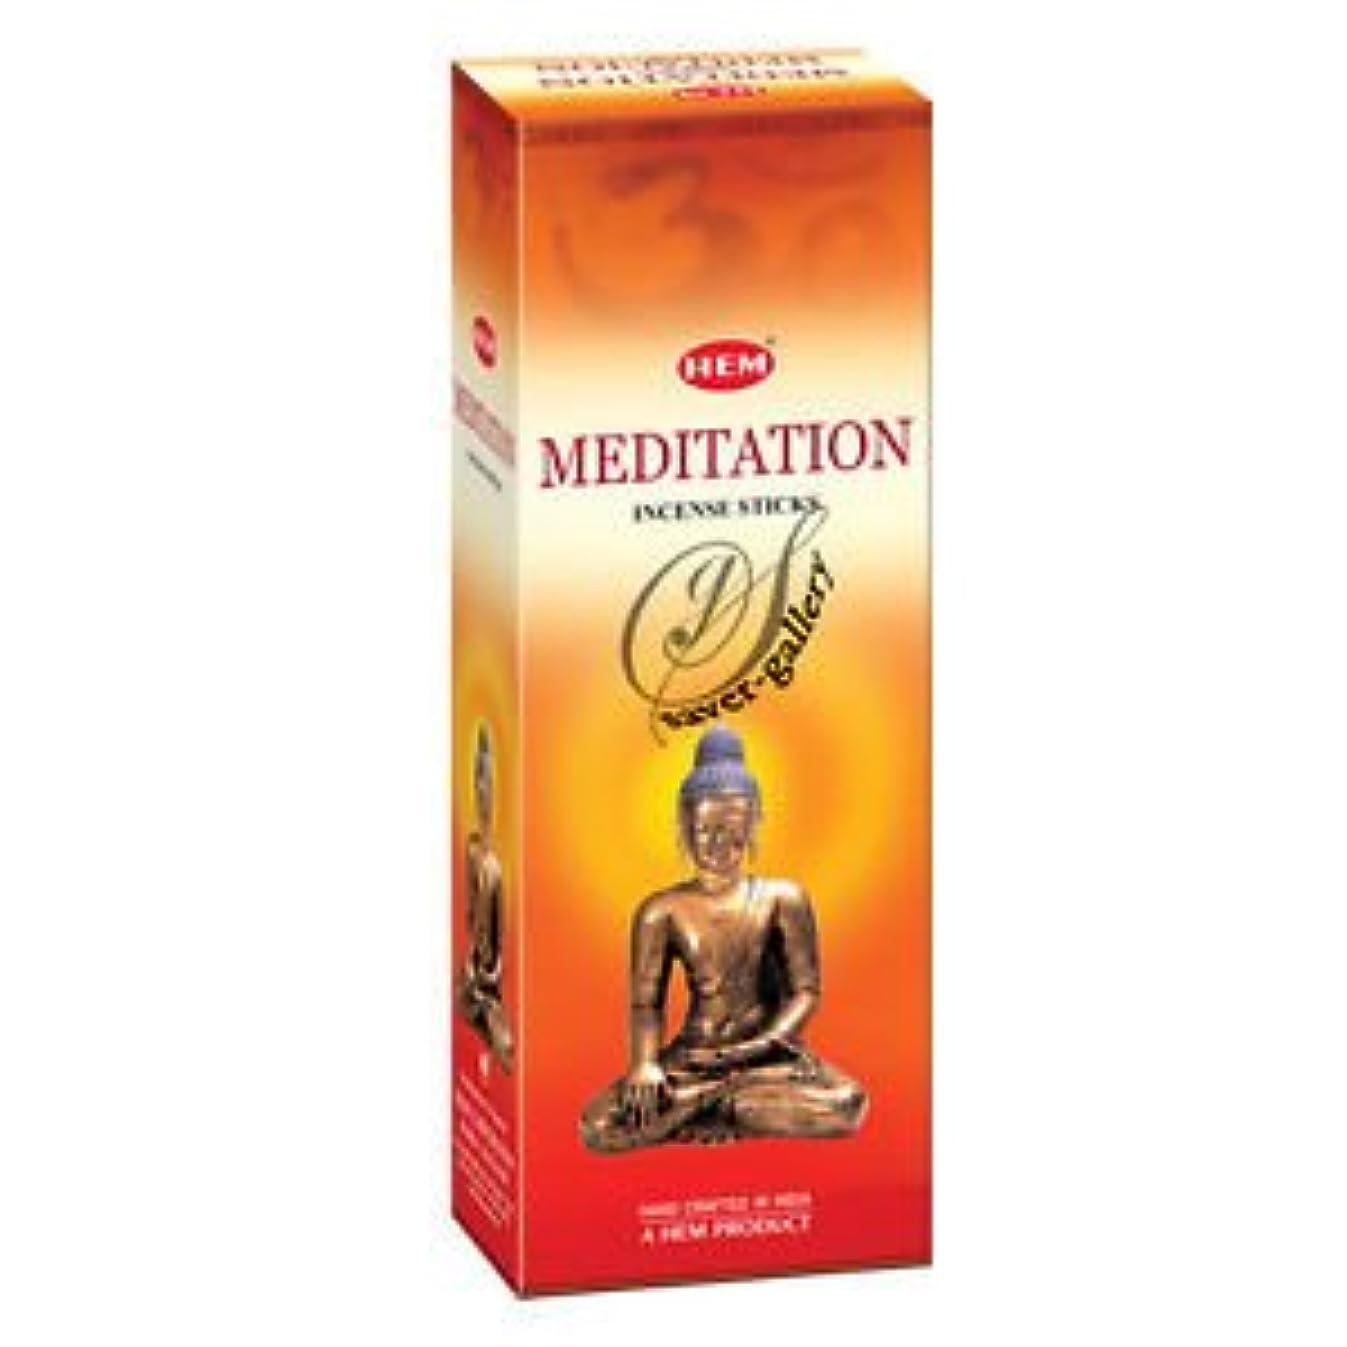 警告するゴシップ柔らかい足Hem Meditation Incense Sticks (9.3 cm X 6.0 cm X 25.5cm, Black )